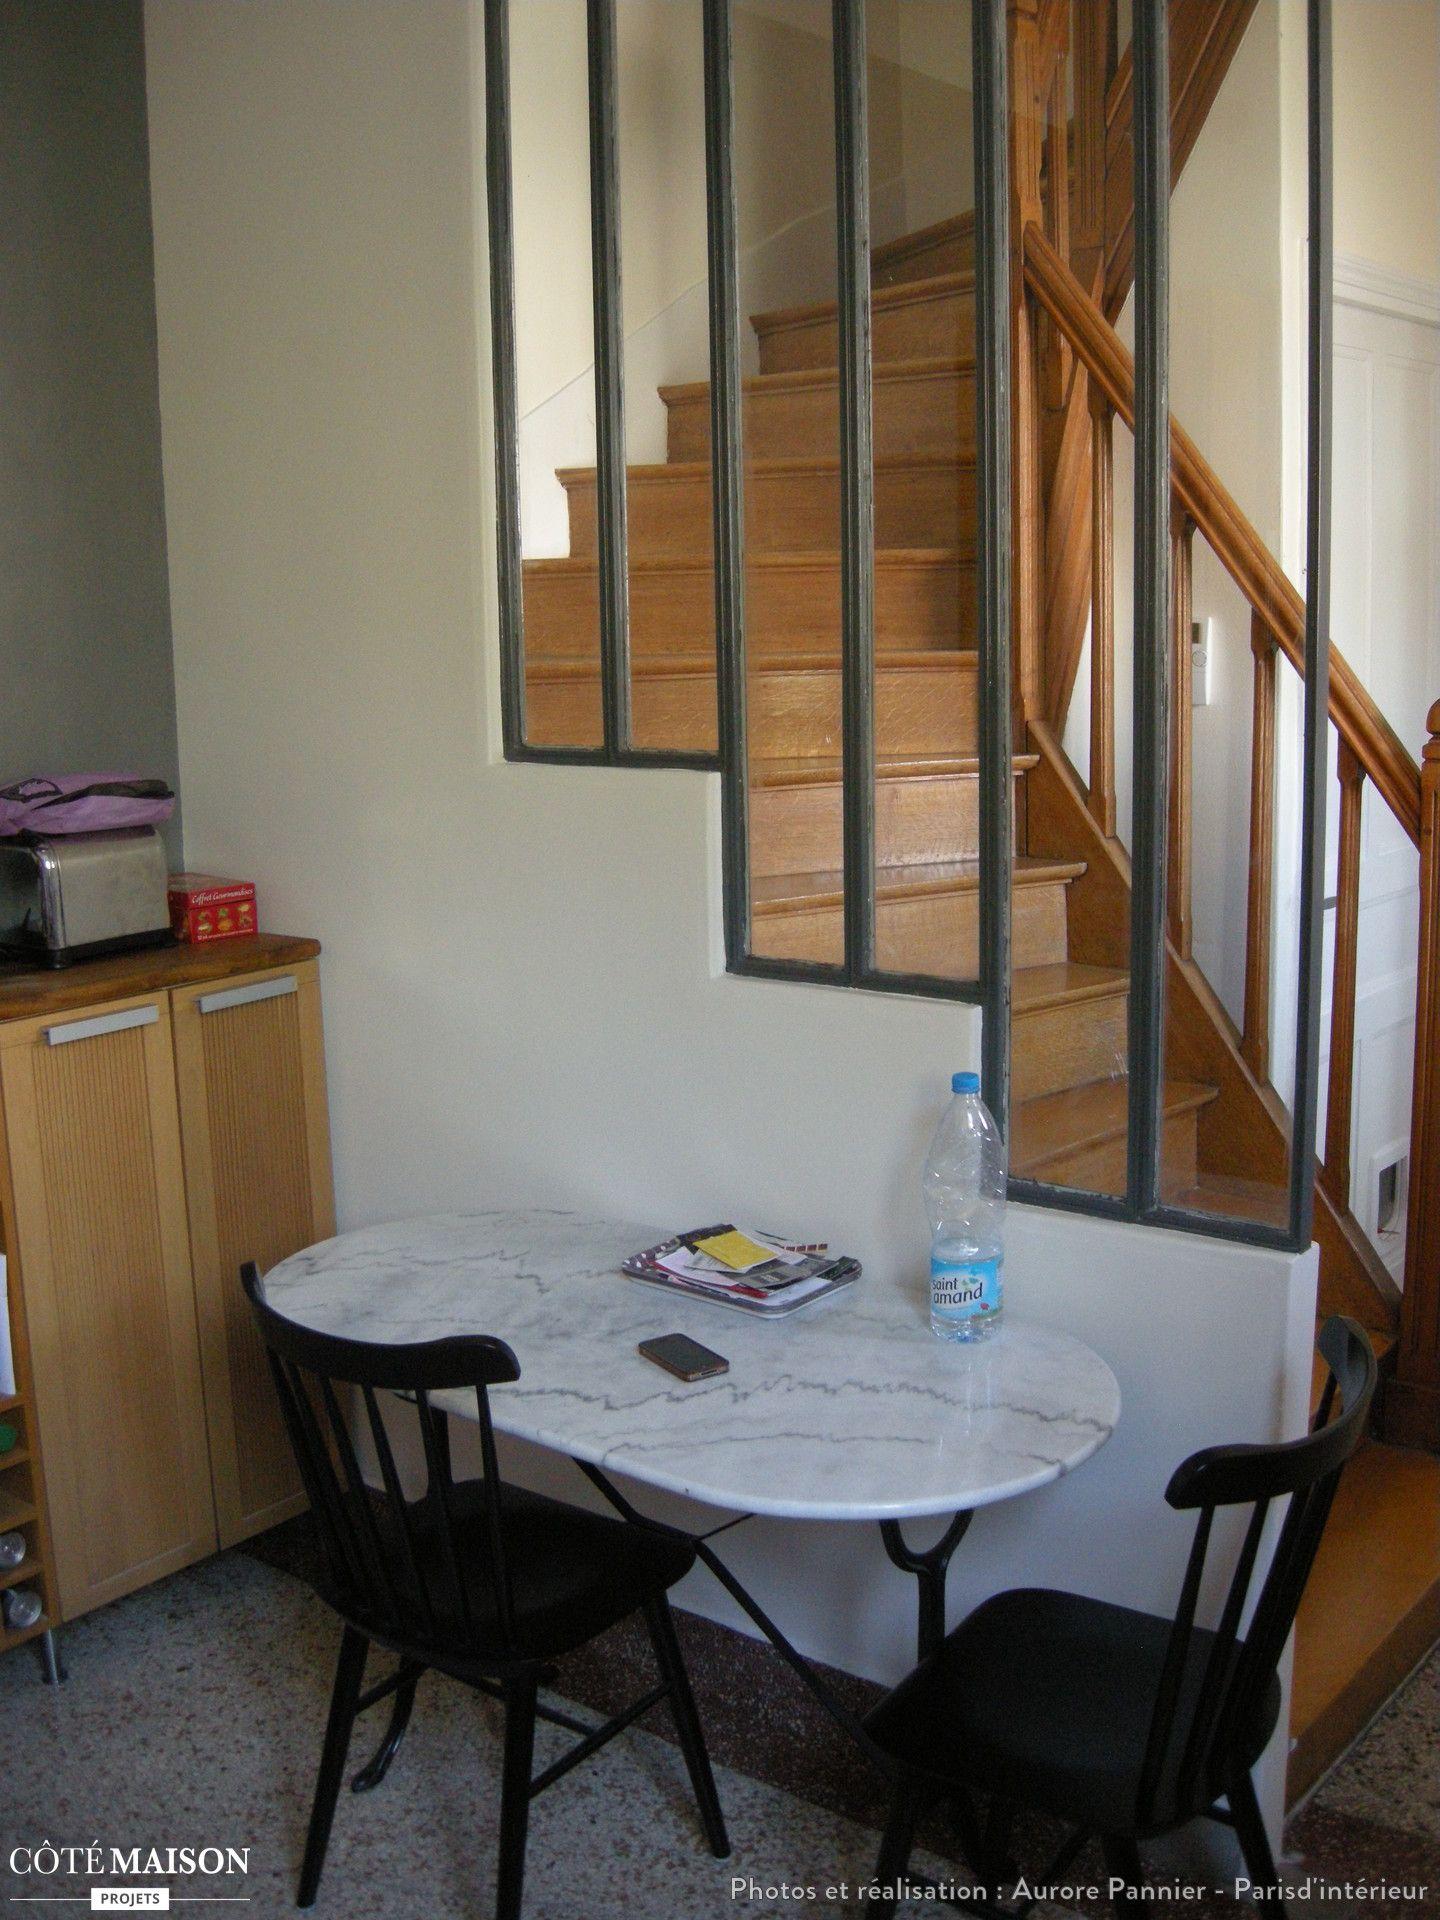 maison ann es 30 aurore pannier c t maison d co maison pinterest ann es 30 c t. Black Bedroom Furniture Sets. Home Design Ideas